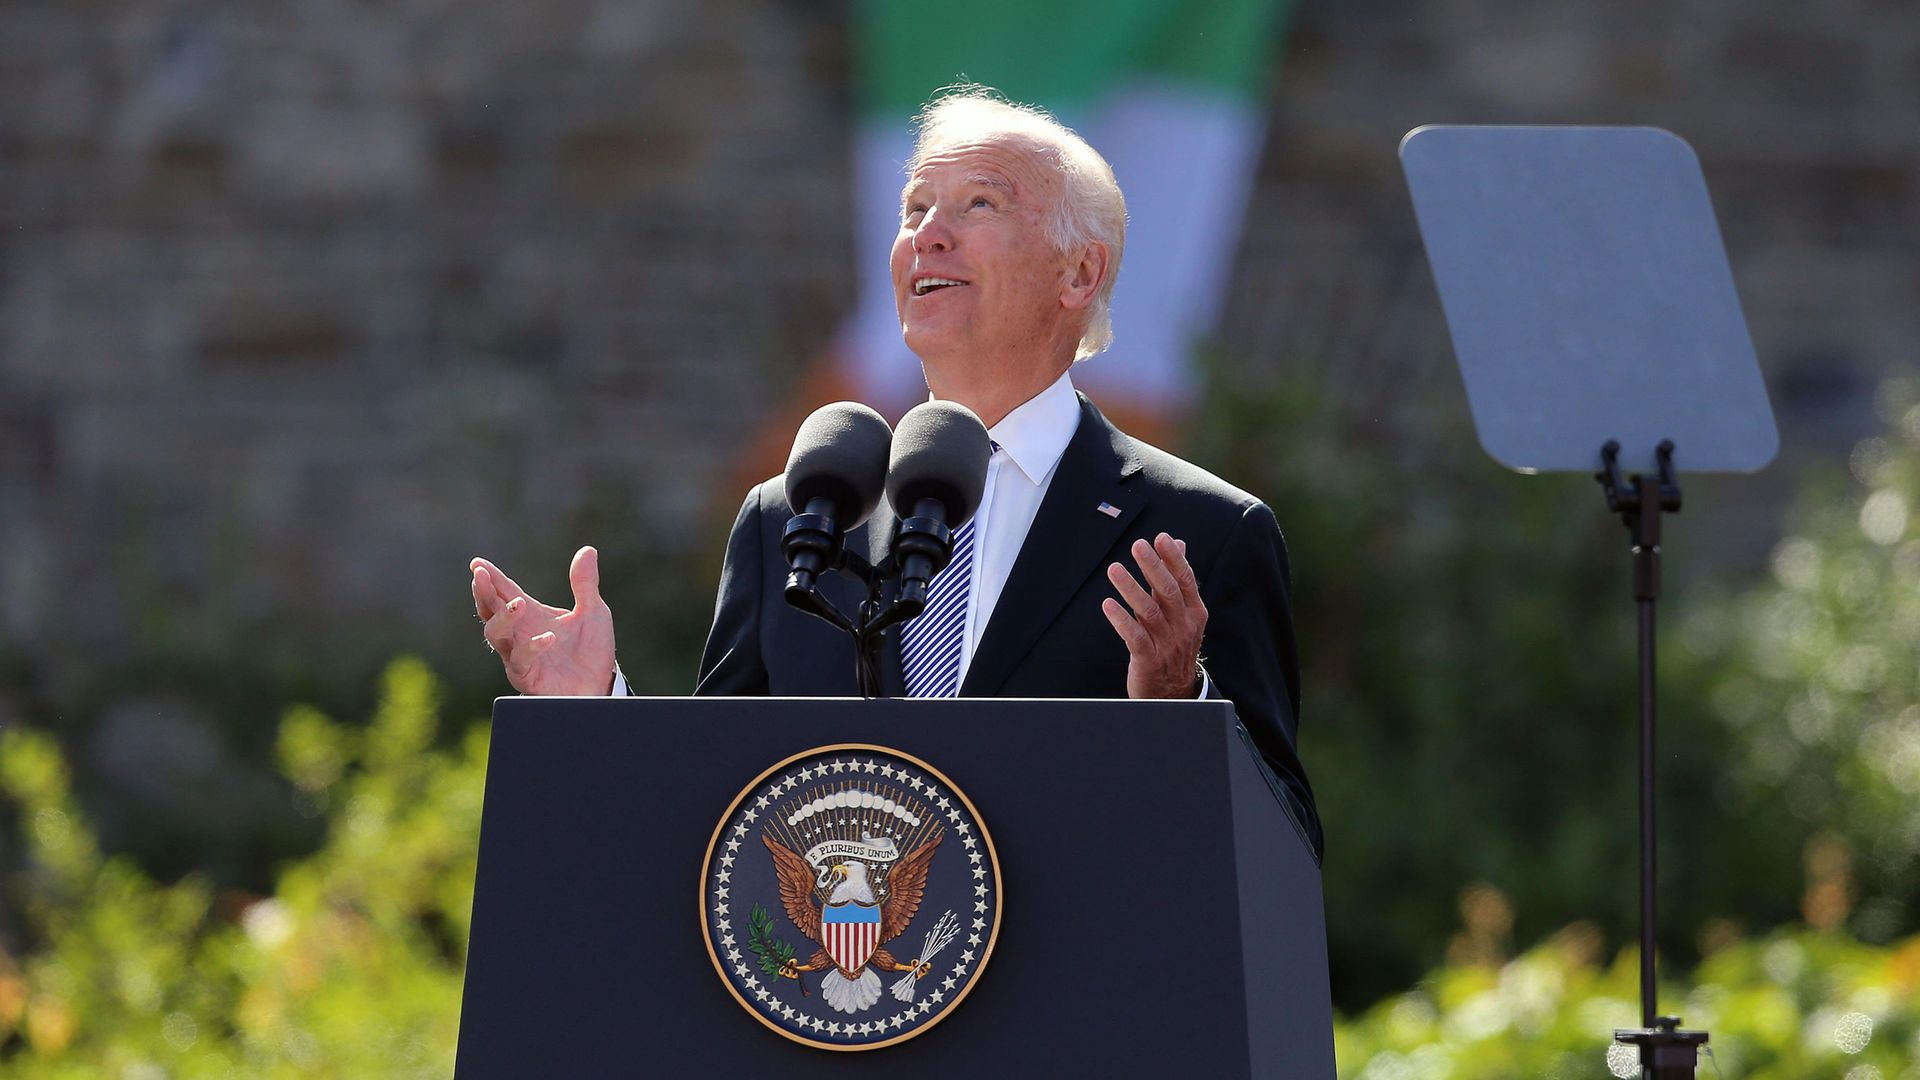 Joe Biden delivers a keynote speech - Credit: PA